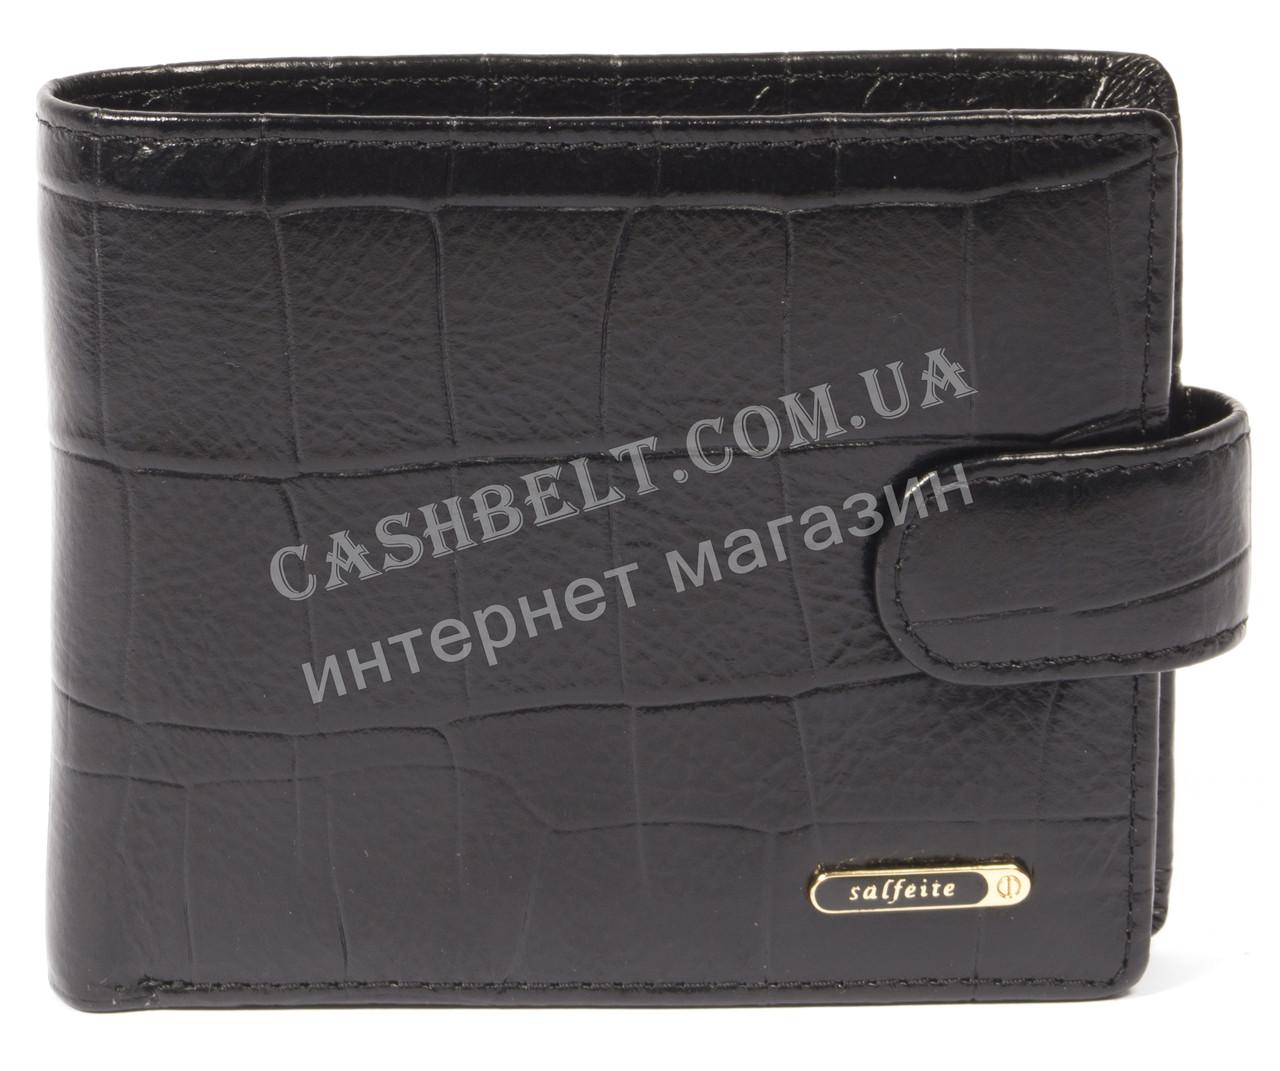 Чоловічий зручний гаманець з натуральної гладкої шкіри під крокодила SALFEITE art. 2173T-F16 чорний